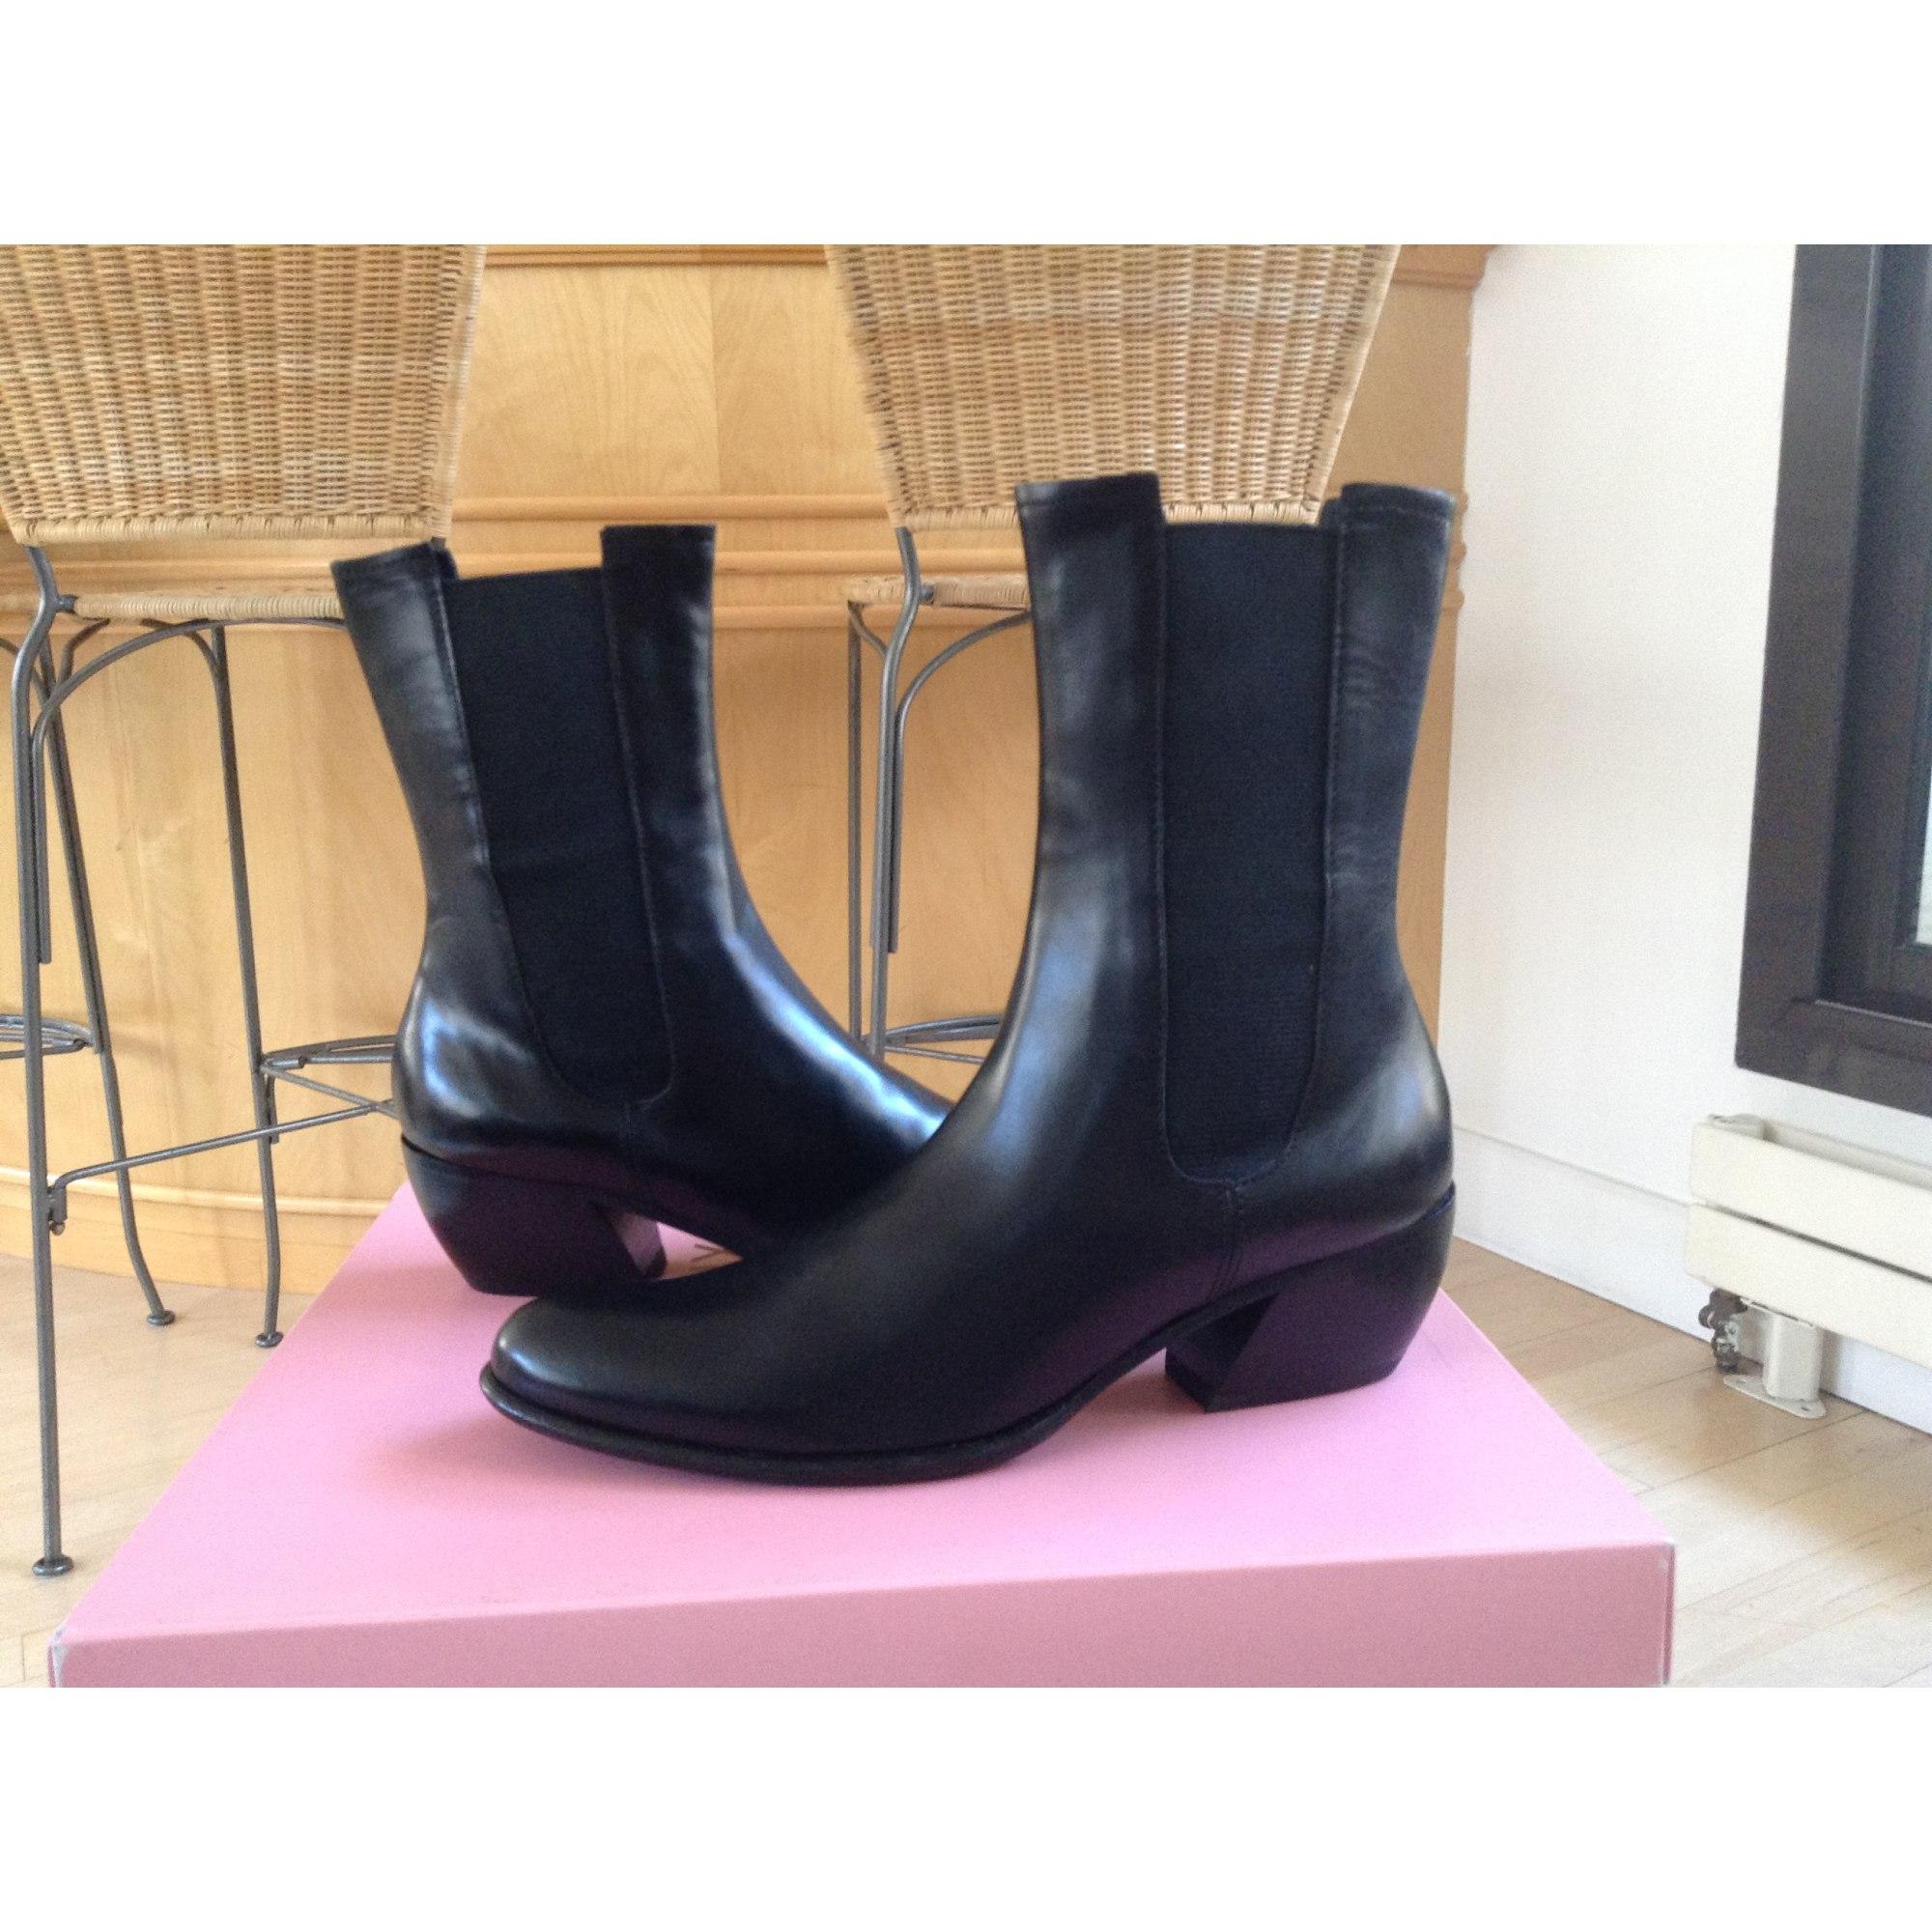 Bottines & low boots à talons CDOUX cuir noir 35,5